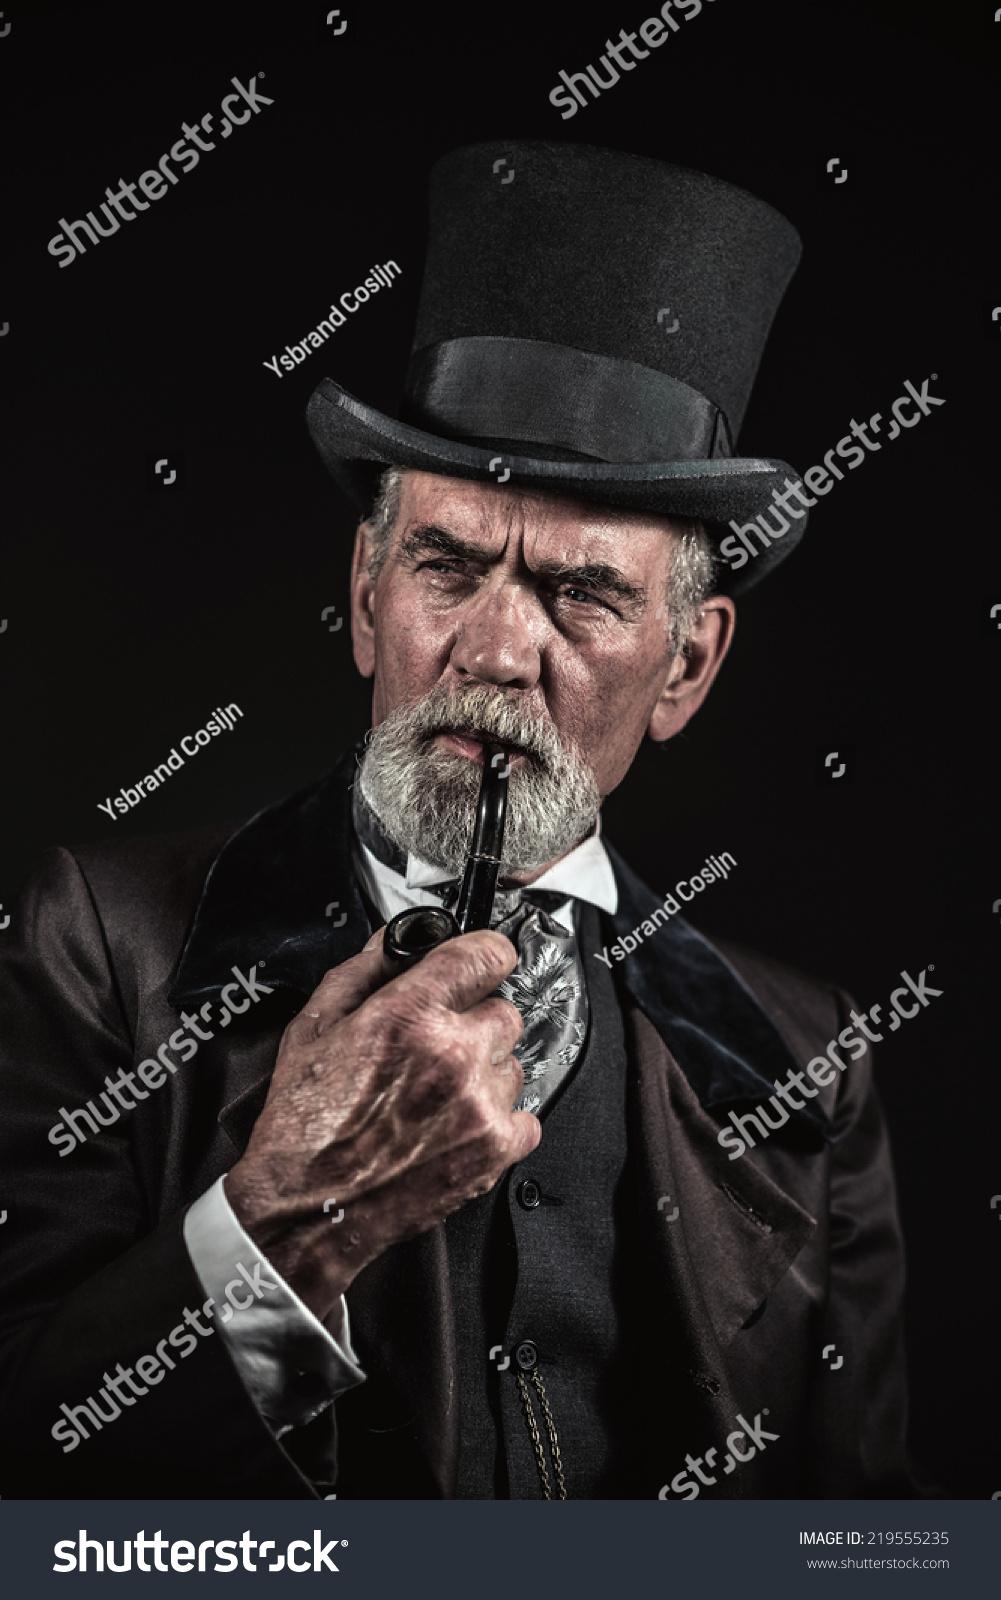 微信黑色头像男生抽烟